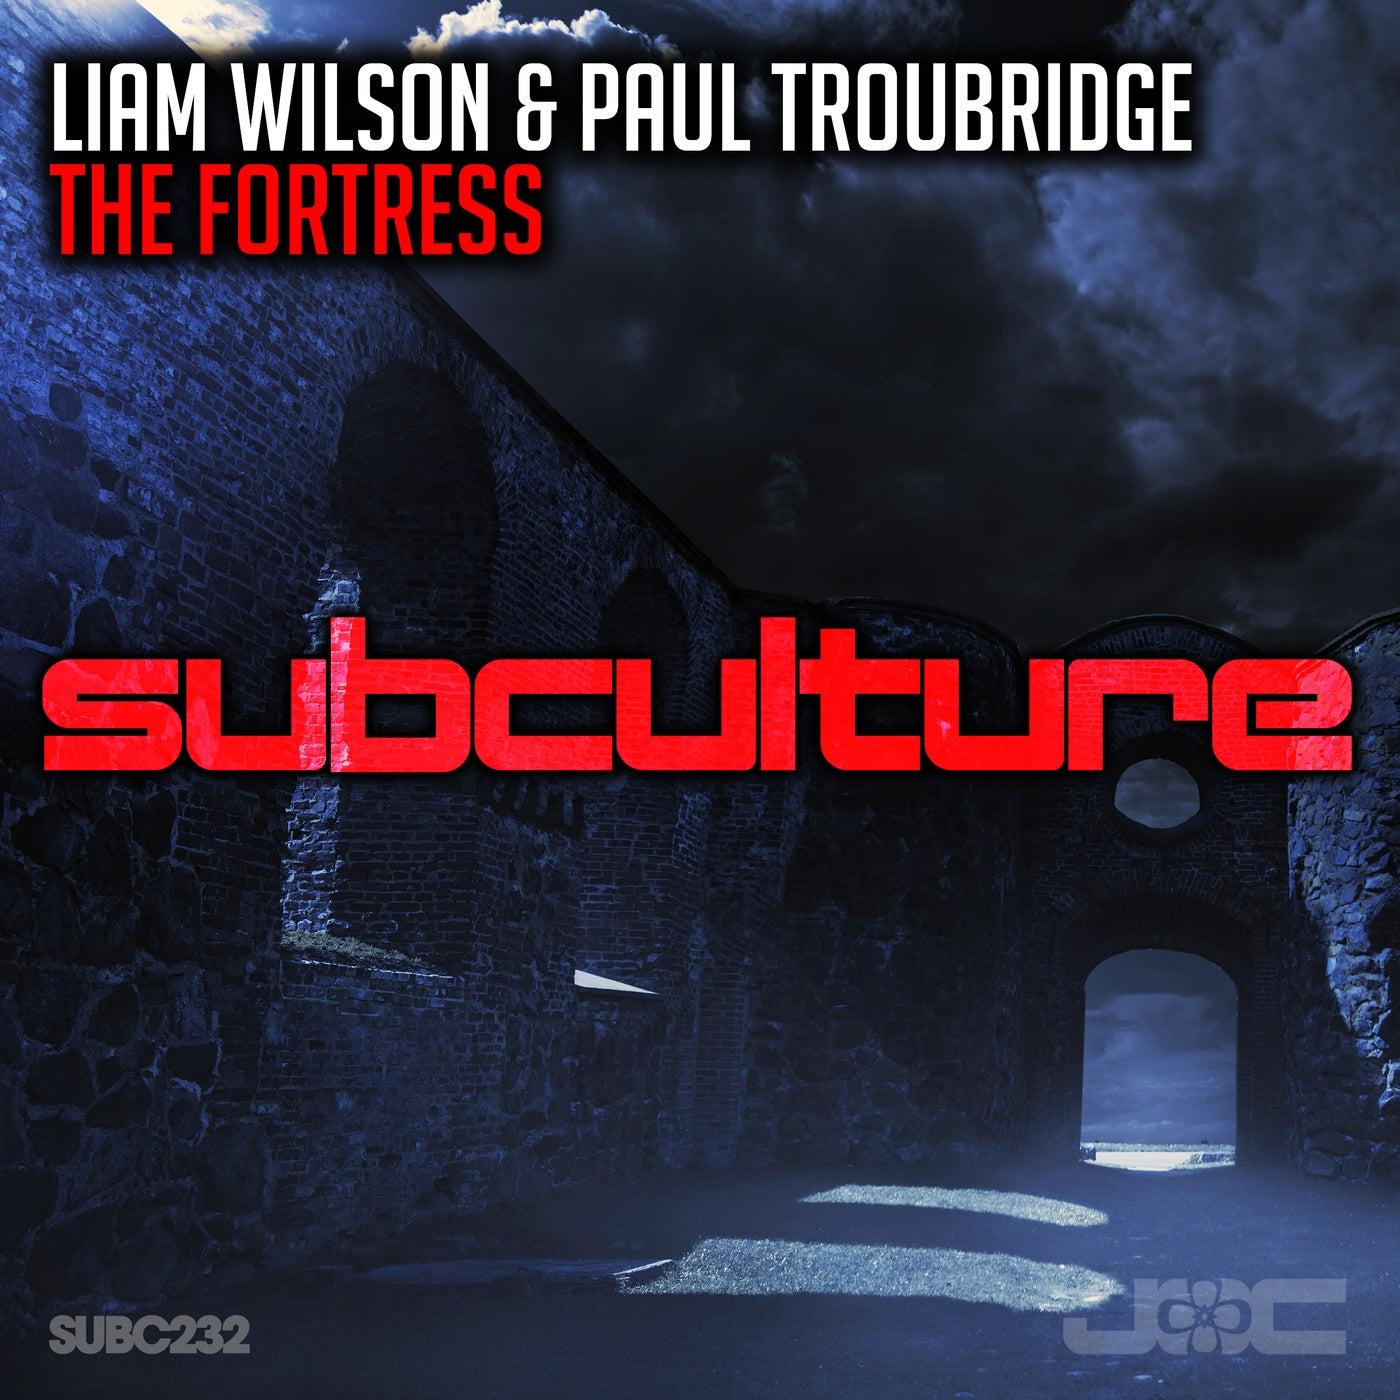 دانلود آهنگ Liam Wilson THE FORTRESS ft Paul Troubridge EXTENDED MIX